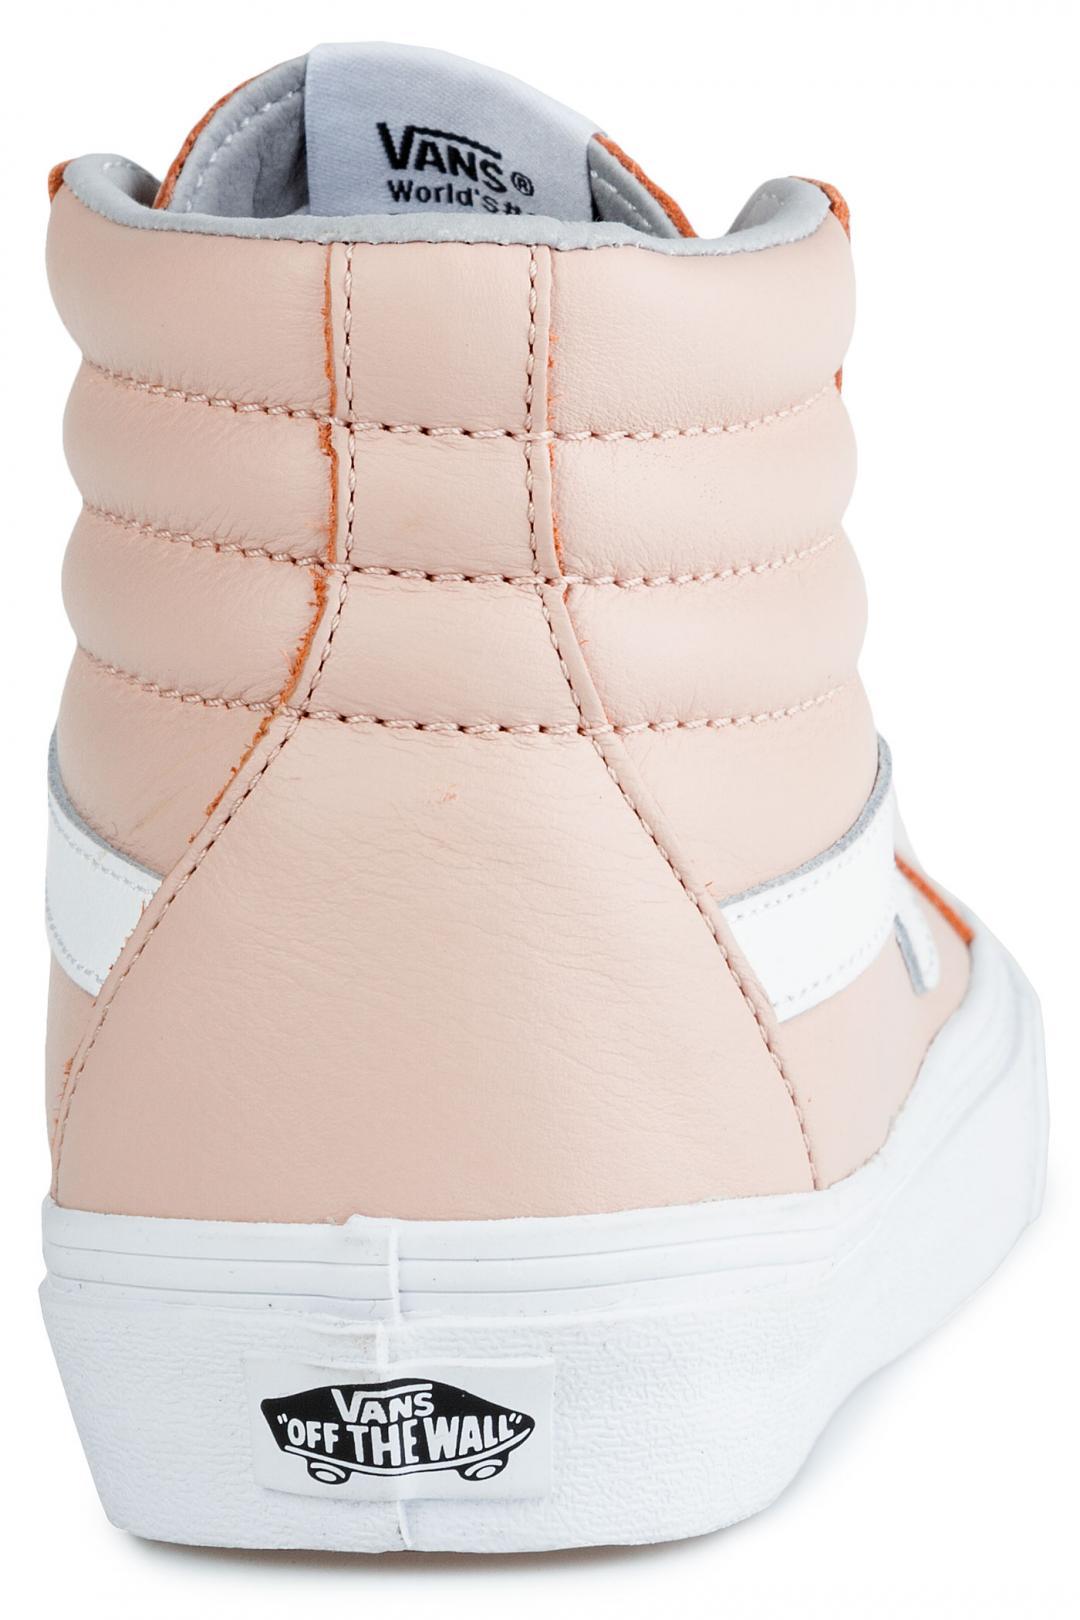 Donna Vans Sk8-Hi Reissue ox pink   Sneaker